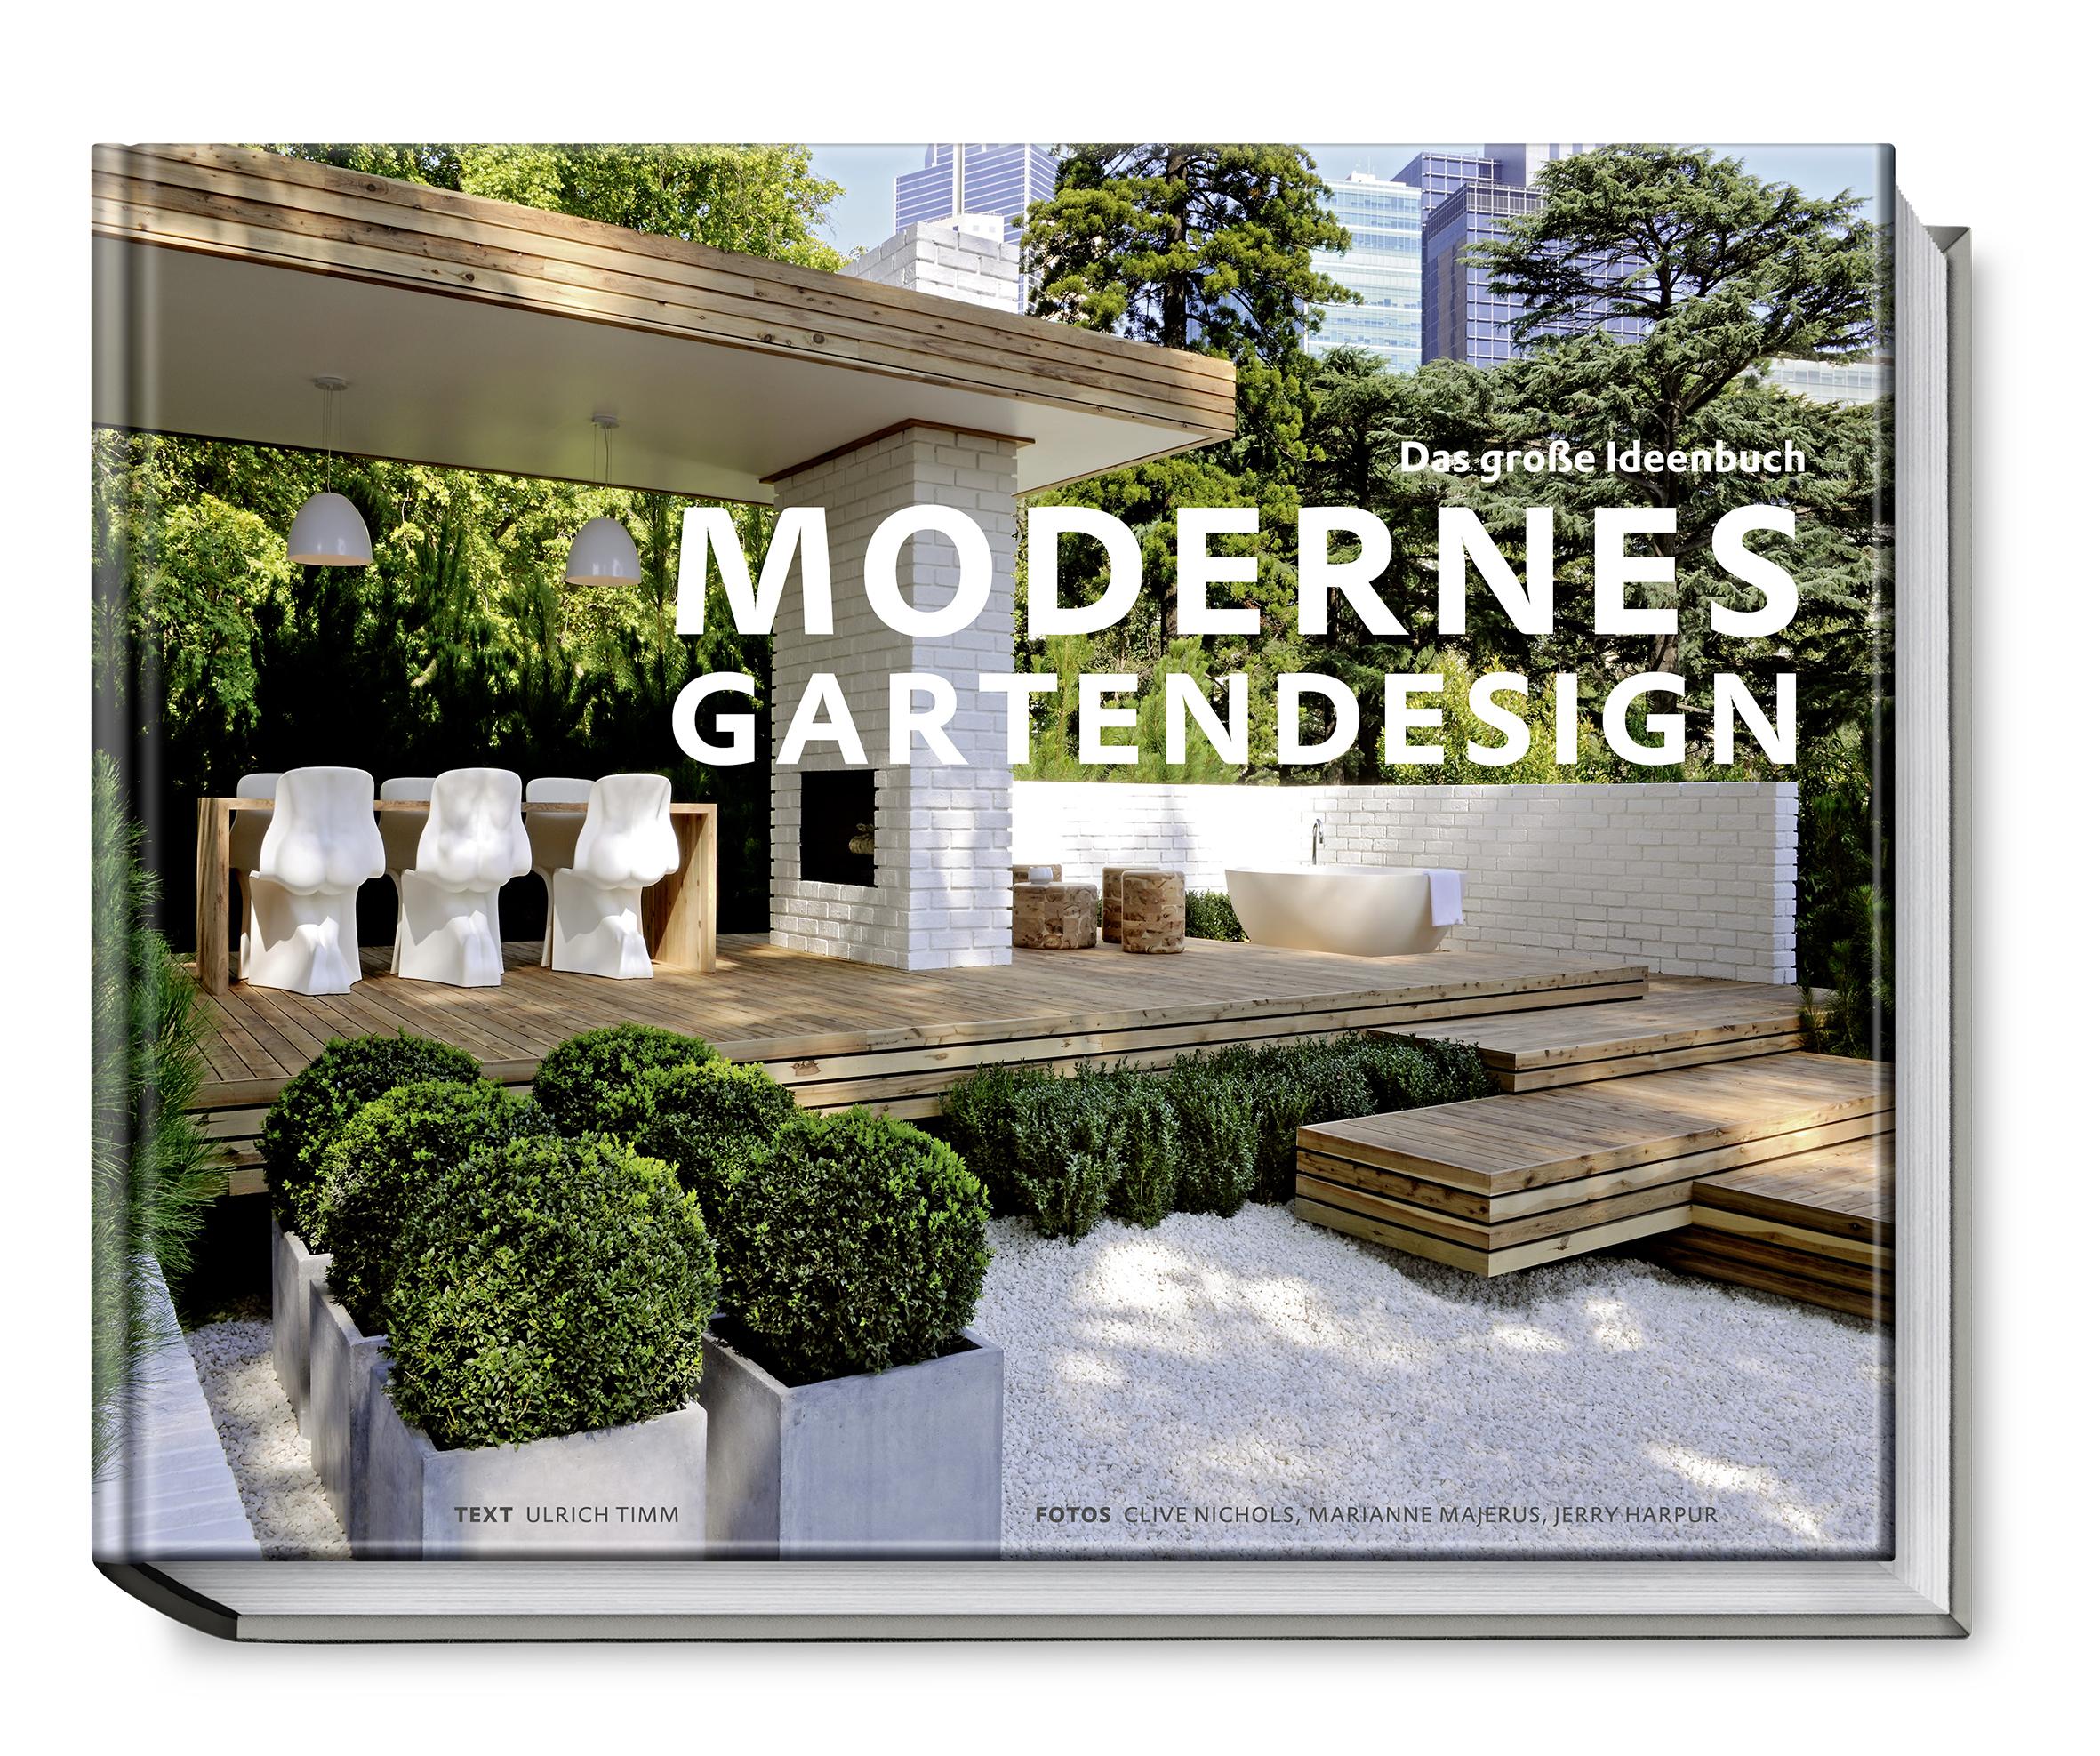 Terrasse Moderne Tage Cr Terrasse En Bois Avec Piscine: Cover Download